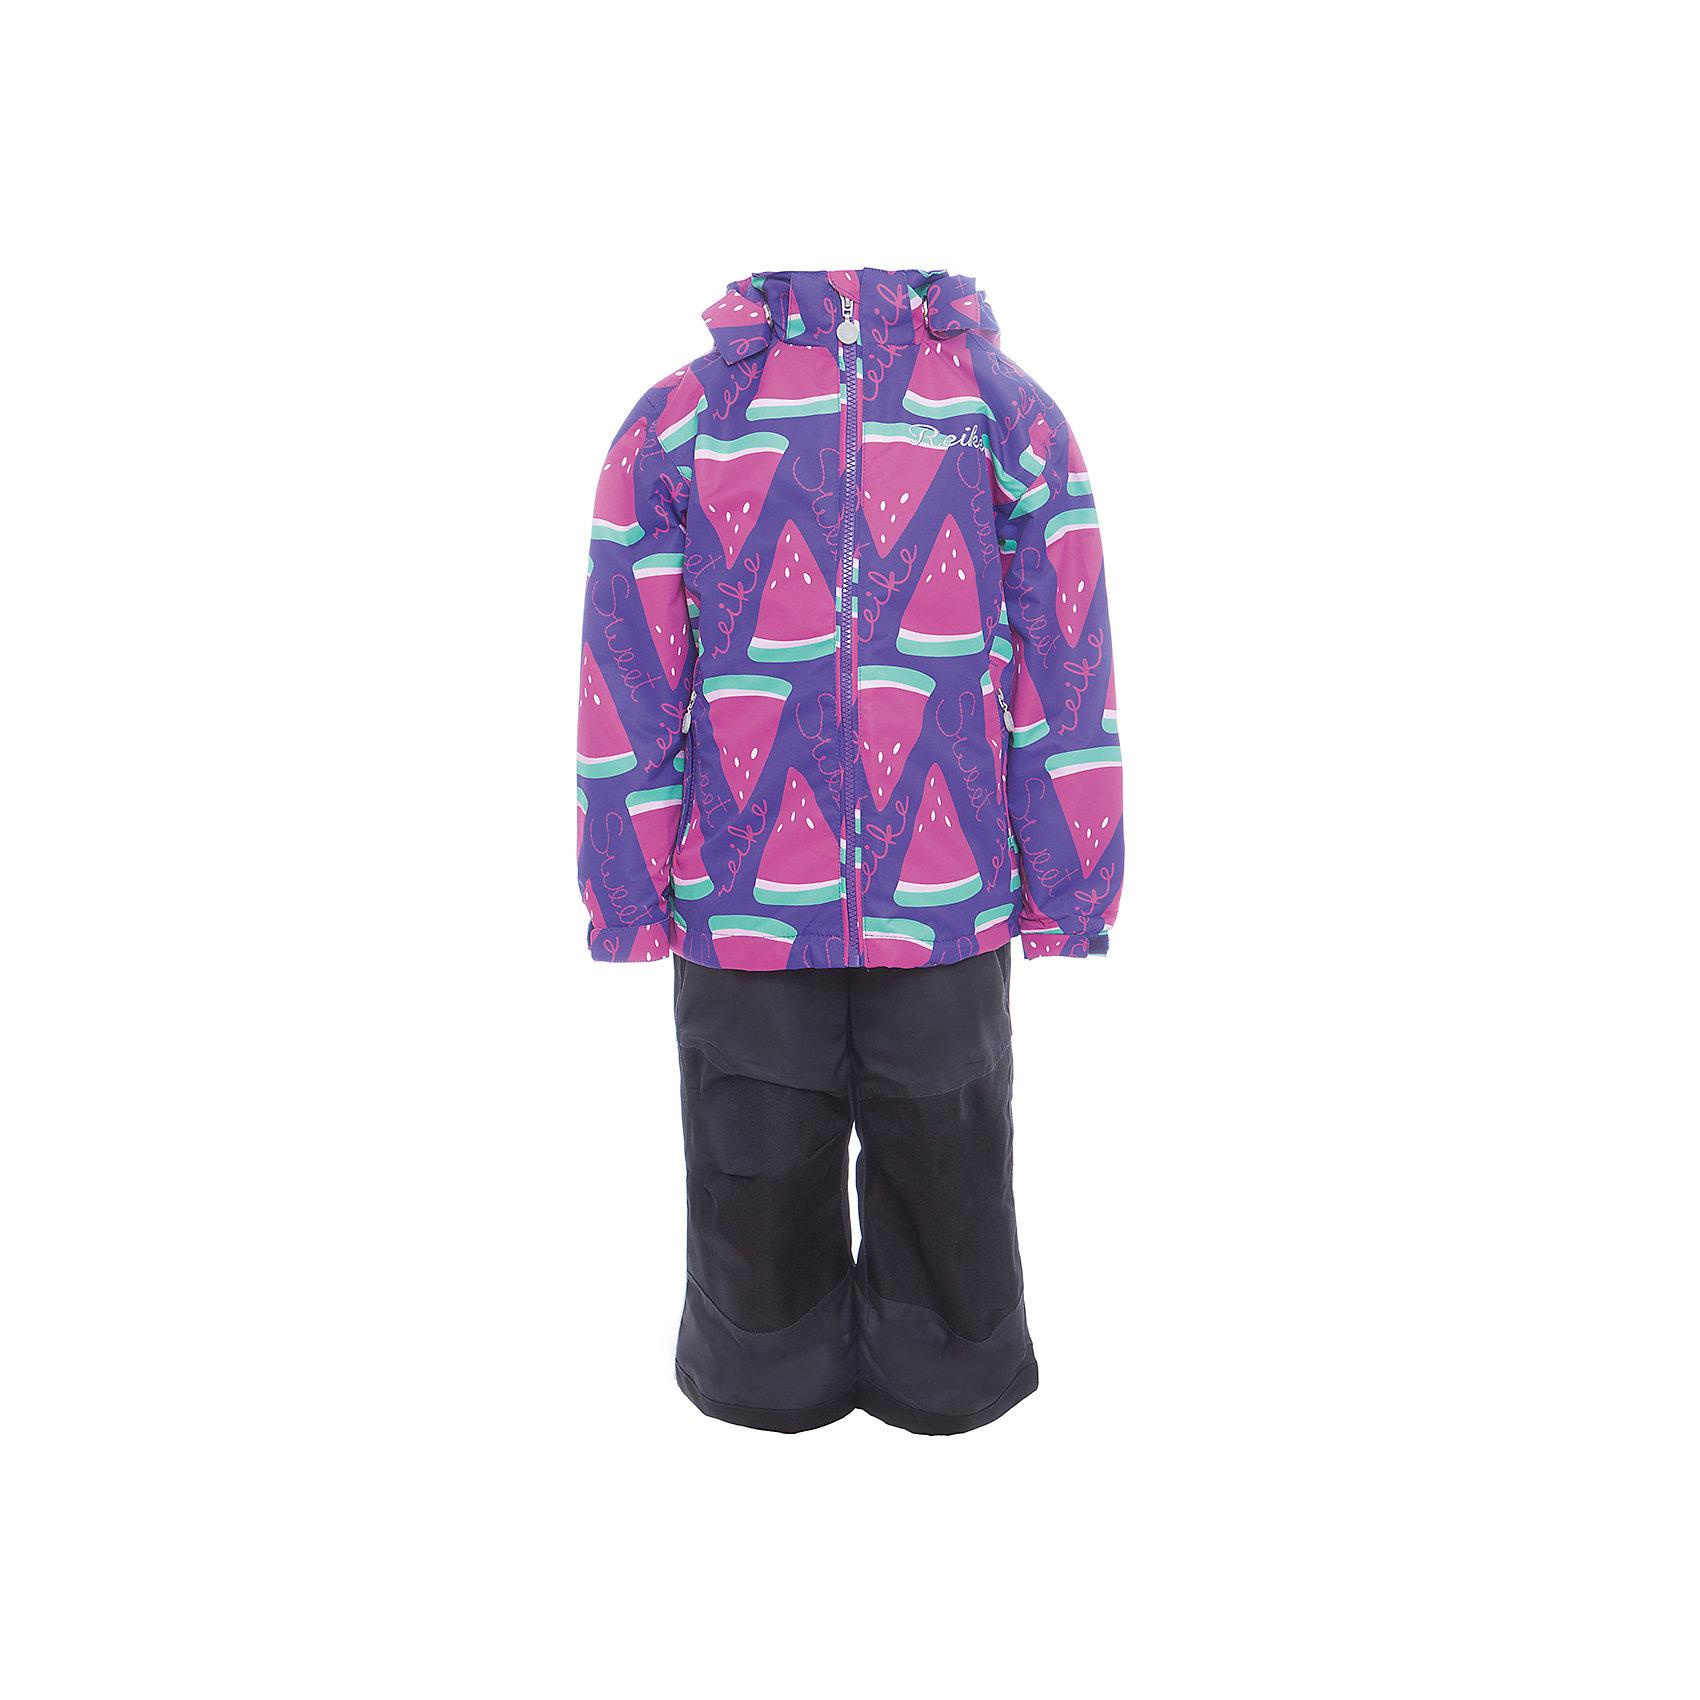 Комплект Reike для девочкиКомплект Reike для девочки<br>Комплект Reike Watermelon purple выполнен из ветрозащитного, водонепроницаемого, дышащего и износостойкого материала, декорированного ярким принтом с дольками арбуза. Микрофлис на внутренней стороне куртки обеспечит дополнительное тепло и комфорт. Модель дополнена съемным регулирующимся капюшоном с полосками светоотражателя, двумя карманами на молнии и утяжкой по низу. Внутренняя ветрозащитная планка со светоотражающей полоской вдоль молнии не допускает проникновения холодного воздуха. Манжеты рукавов на резинке дополнительно регулируются липучками. На груди куртка украшена серебристой вышивкой. Завышенная талия брюк и регулируемые подтяжки гарантируют посадку по фигуре. Колени, задняя поверхность бедер и низ брюк дополнительно упрочнены сверхпрочным материалом. Полукомбинезон оснащен светоотражателями, двумя боковыми карманами на молнии, регулятором длины и съемными штрипками (???). Все швы комплекта проклеены, чтобы вода или влага не попали внутрь. Технологический уровень. Коэффициент воздухопроницаемости комплекта 3000гр/м2/24 ч. Водоотталкивающее покрытие: 5000 мм. Износостойкость 50 000 (тест Мартиндейла). Состав: 100% полиэстер, подкладка: 100% полиэстер. Без утеплителя. Состав: 100% полиэстер, подкладка: 100% полиэстер.<br>Состав:<br>100% ПЭ  подкладка: 100% ПЭ<br><br>Ширина мм: 215<br>Глубина мм: 88<br>Высота мм: 191<br>Вес г: 336<br>Цвет: розовый<br>Возраст от месяцев: 84<br>Возраст до месяцев: 96<br>Пол: Женский<br>Возраст: Детский<br>Размер: 128,104,110,116,122<br>SKU: 5429987